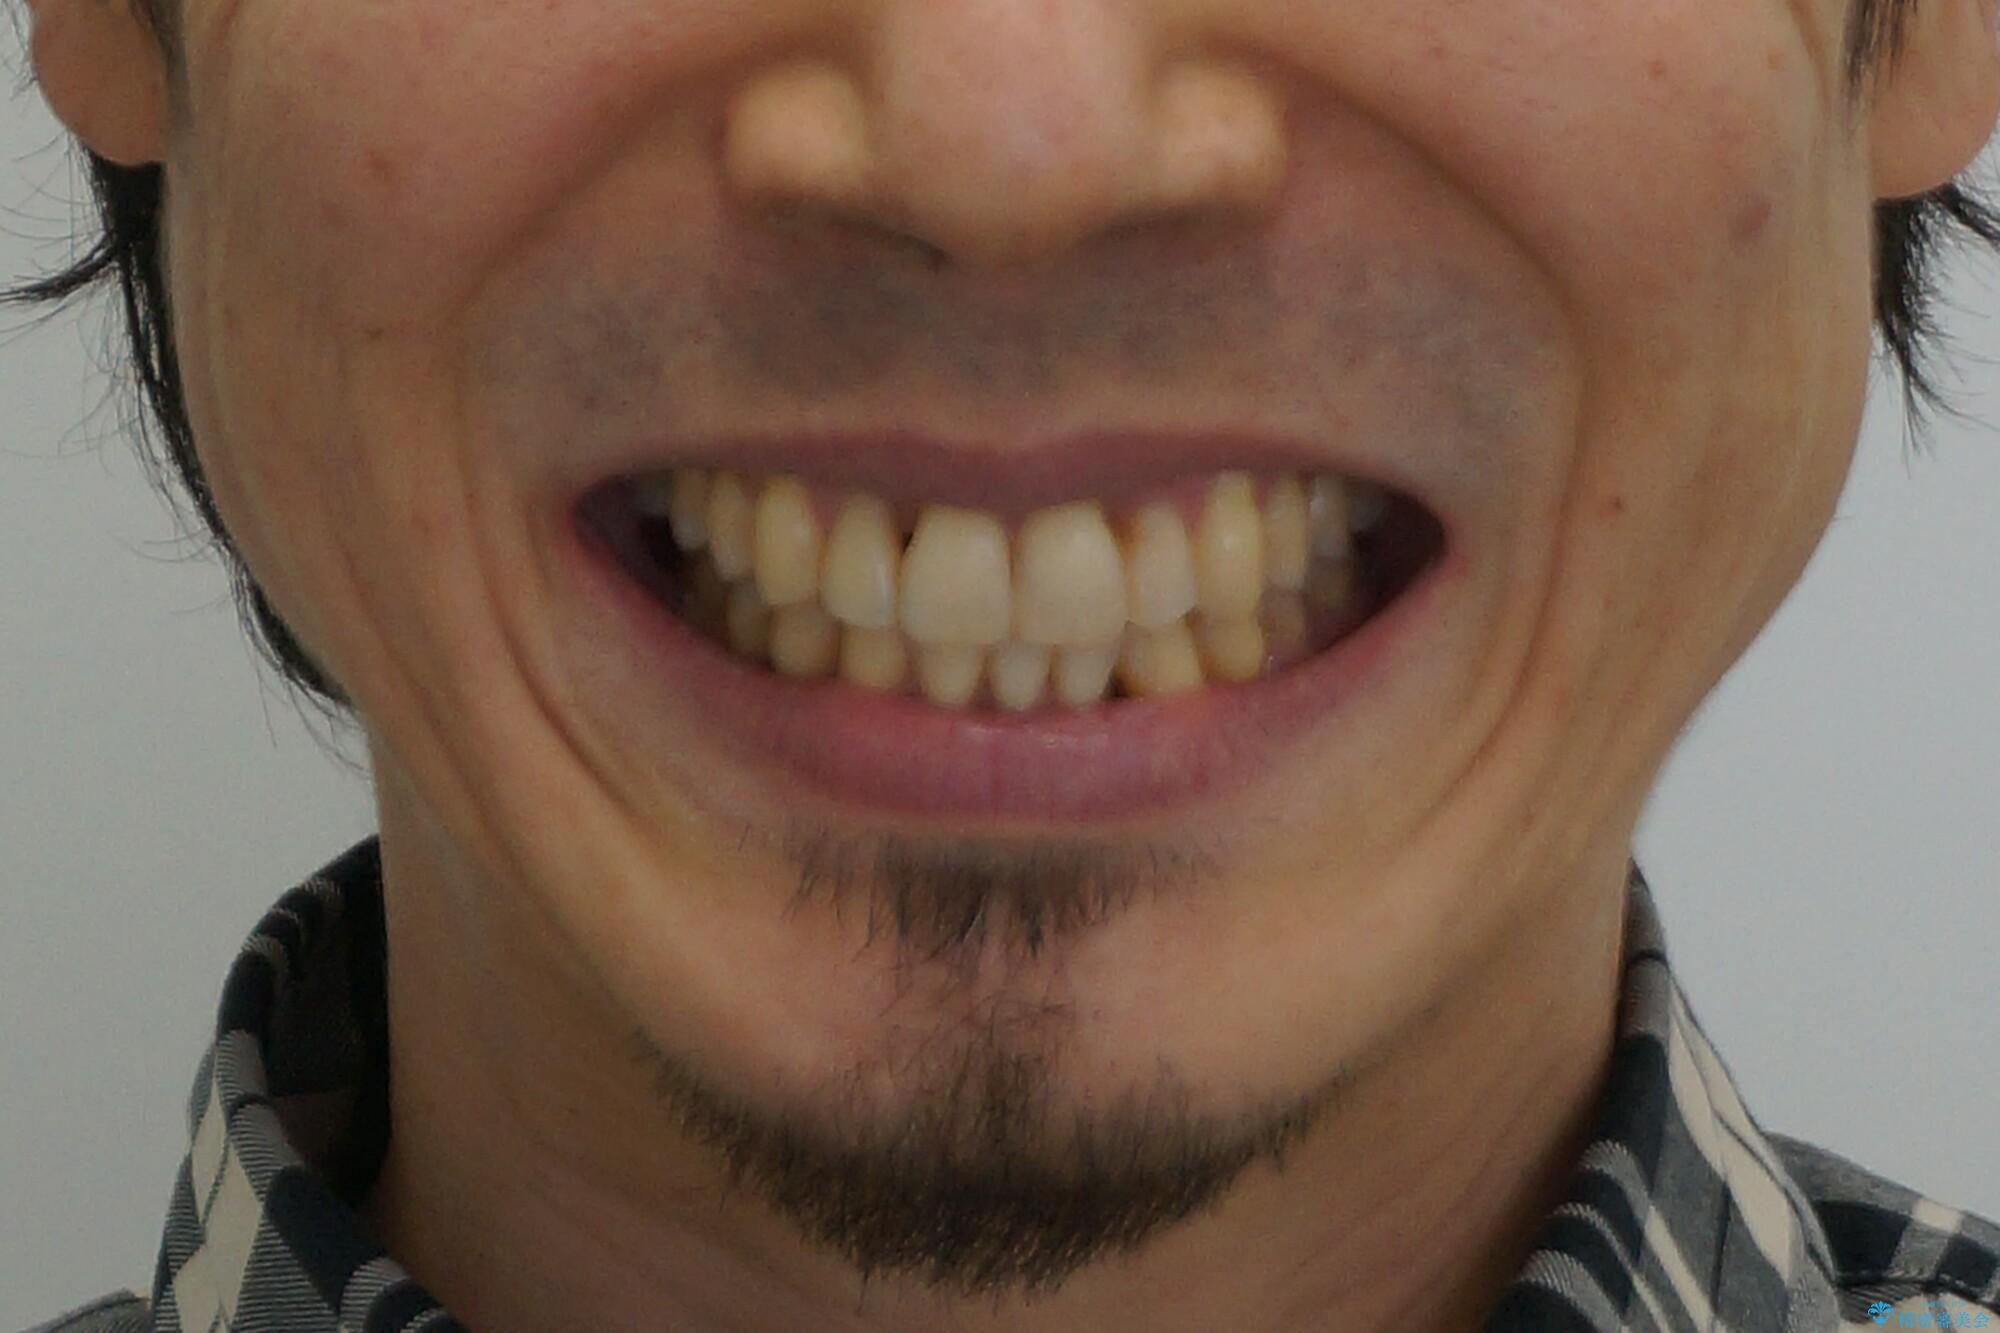 前歯の虫歯 矯正治療してからしっかり治すの治療後(顔貌)